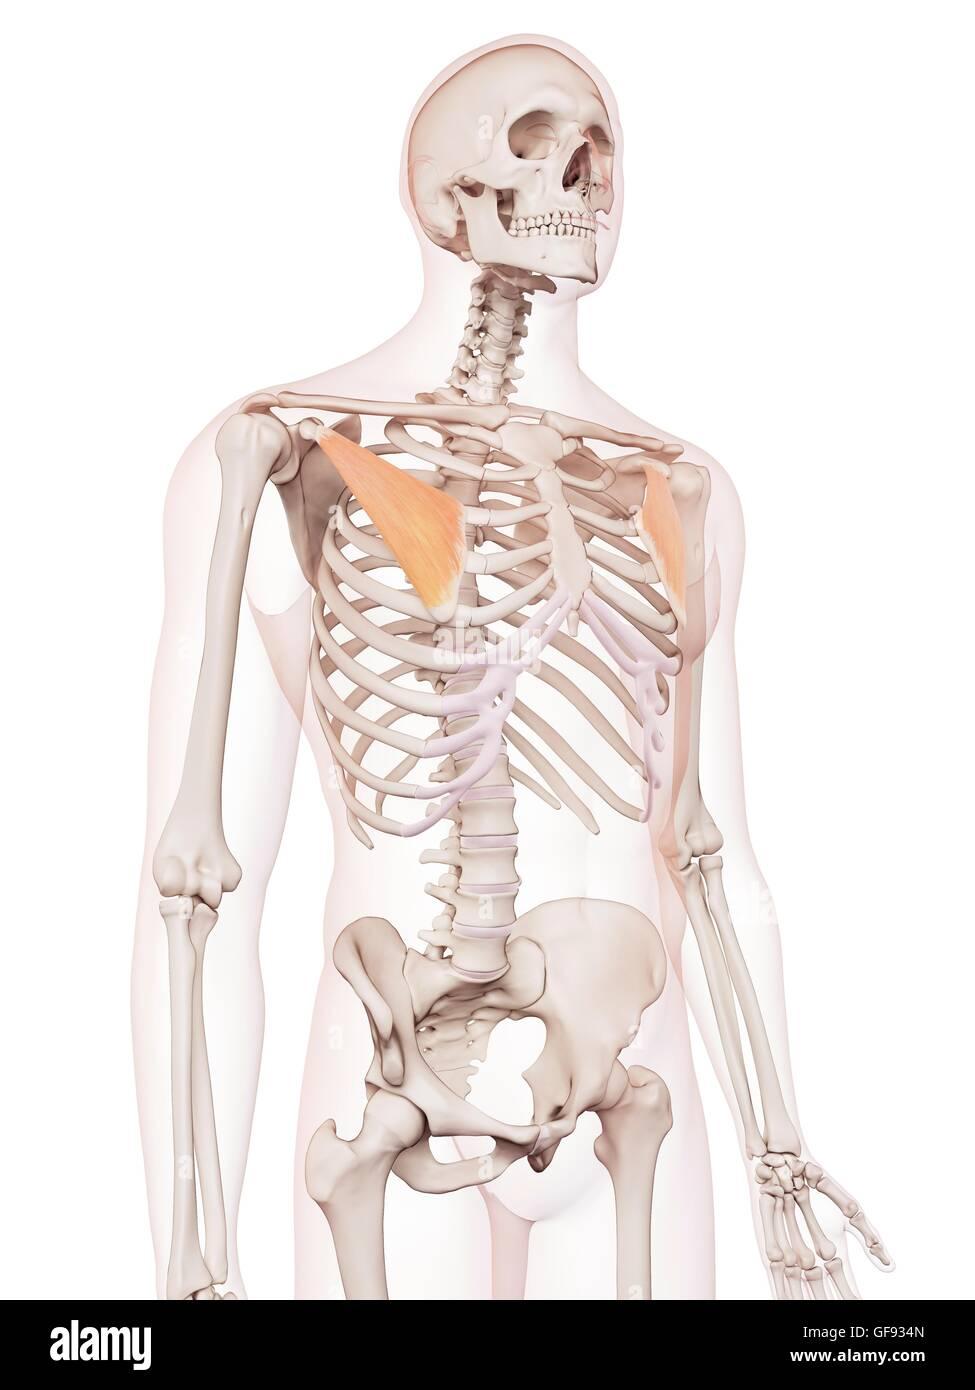 Erfreut Menschliche Muskelstrukturdiagramm Ideen - Anatomie Von ...